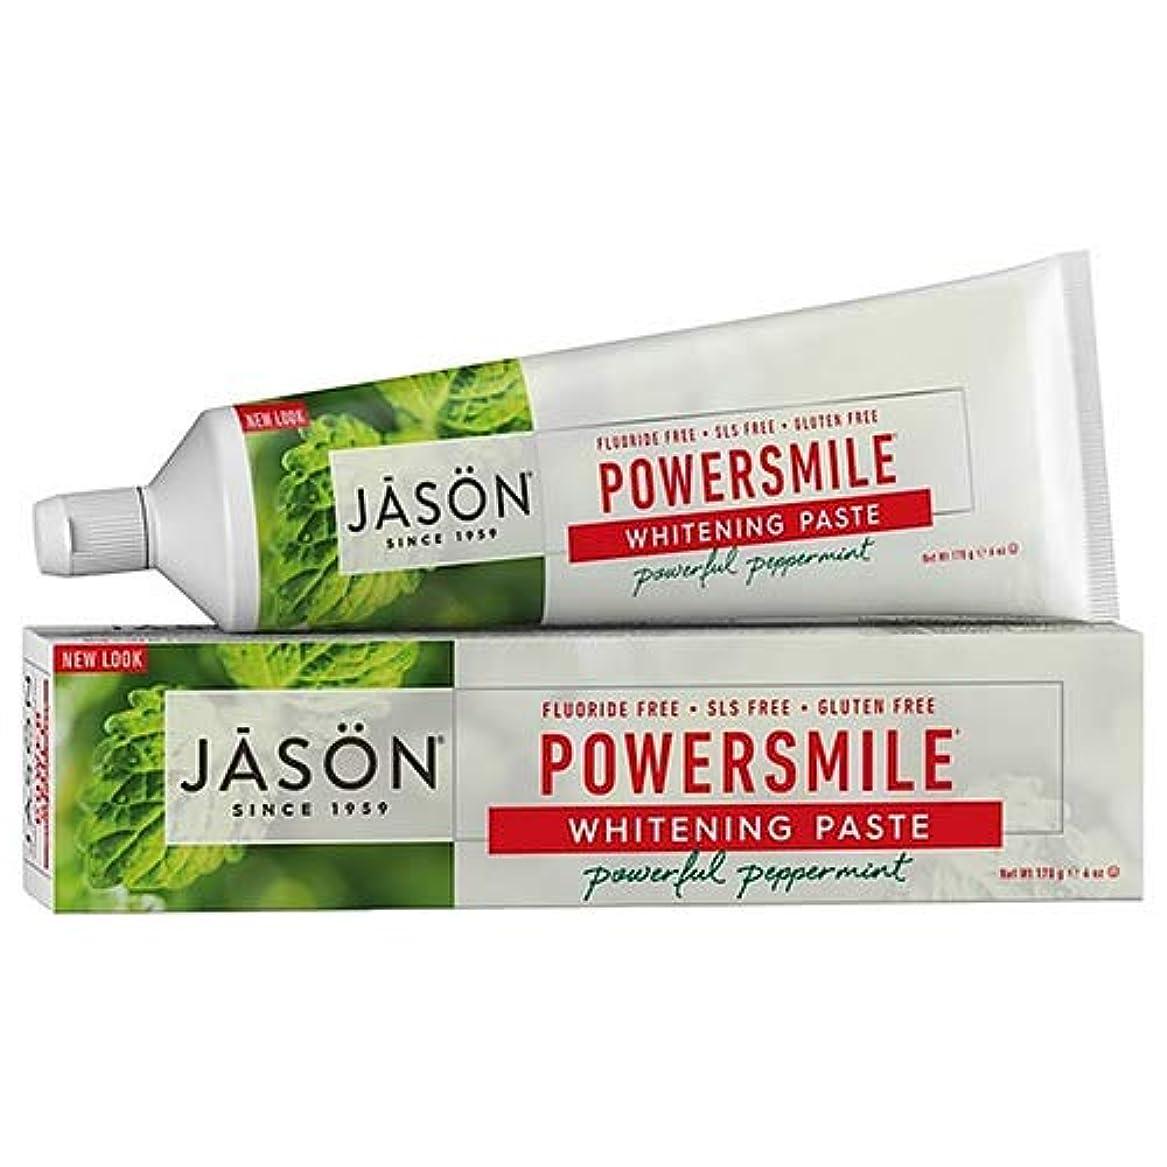 パイクランプ不公平Jason Natural, PowerSmile, Antiplaque & Whitening Paste, Powerful Peppermint, 6 oz (170 g)